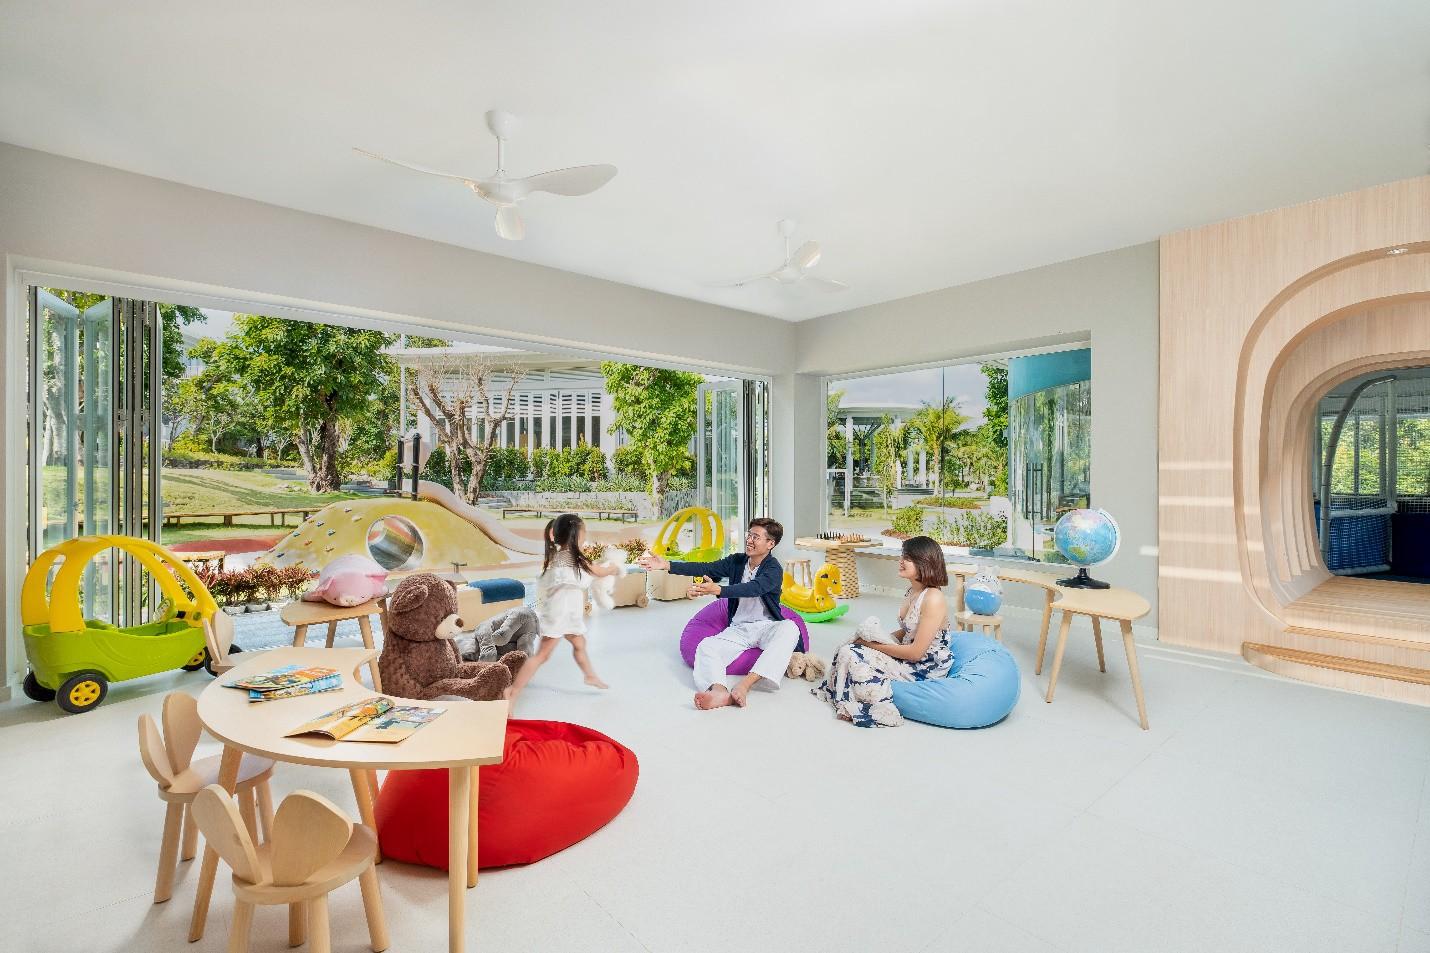 Mùa hè của gia đình ta tại Premier Village Phu Quoc Resort - Ảnh 3.